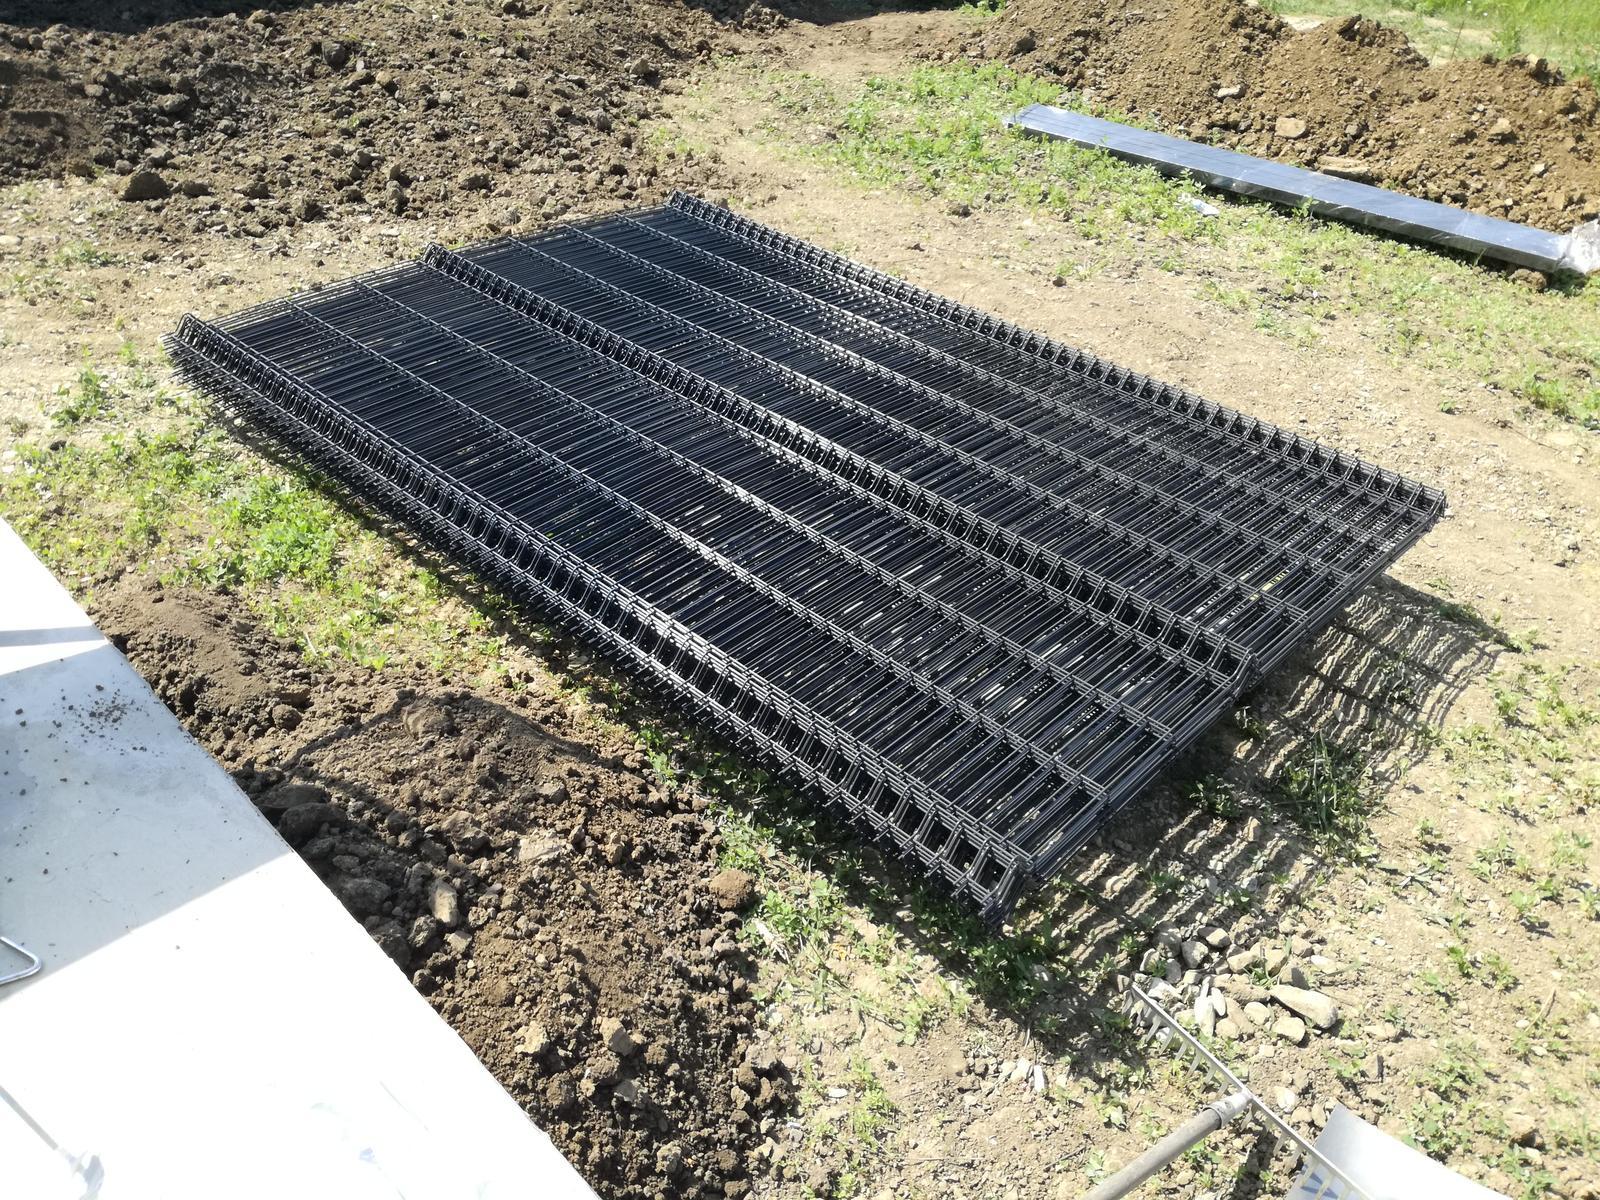 Minidomček pod Karpatmi - 11.6. - prisiel plot so stlpikmi od ploty.sk, drot 4mm, stlpiky 6x4cm, farba antracit, celkovo na dlzku 40m. cena cca 670€